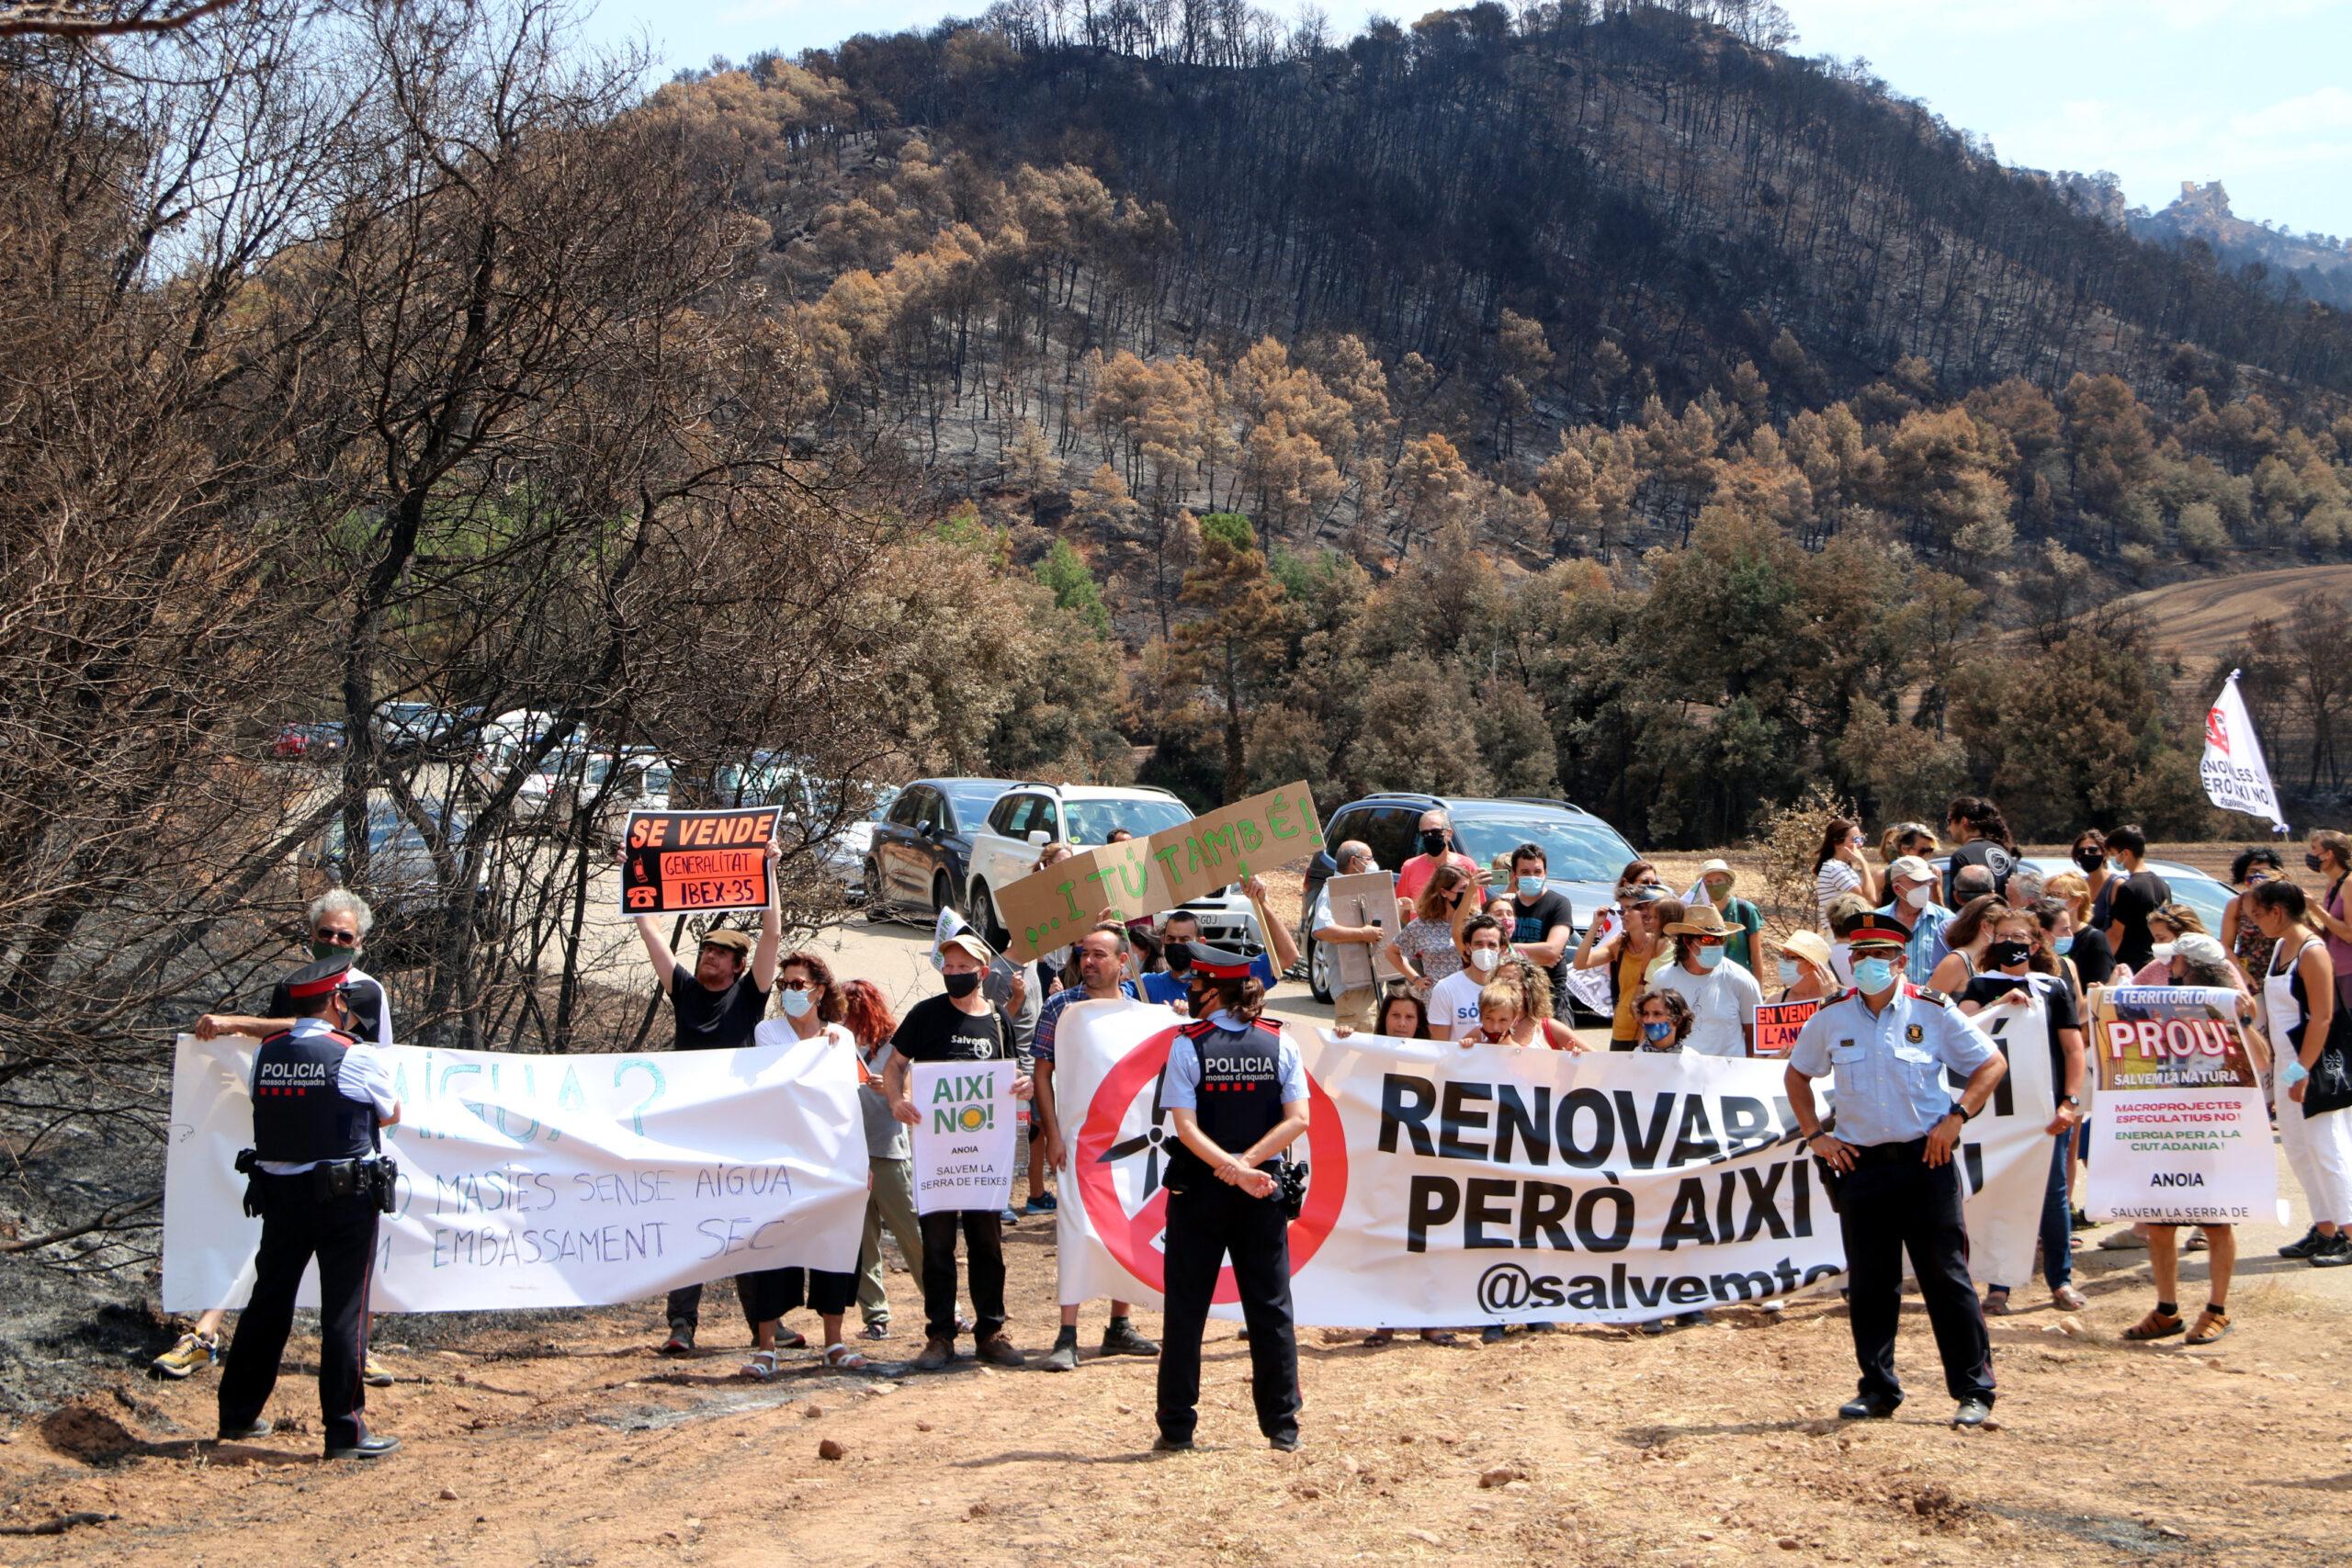 La concentració en contra de la massificació de parcs eòlics i solars al territori   ACN